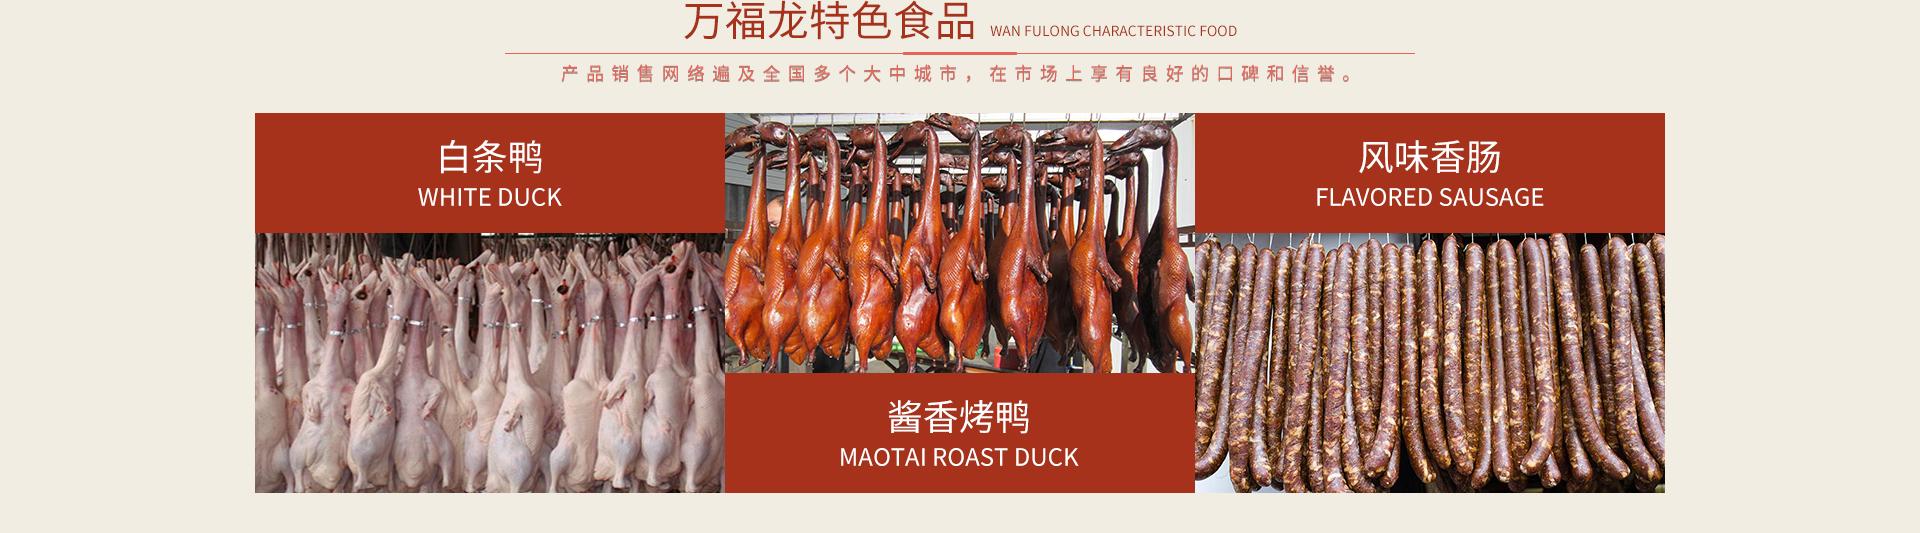 临沂市万福龙食品有限公司是一家生产必威网址,烤鸭,烧鸡,腊肉腊肠等食品的批发厂家,产品种类多样,质量保证,联系热线:13854944018.